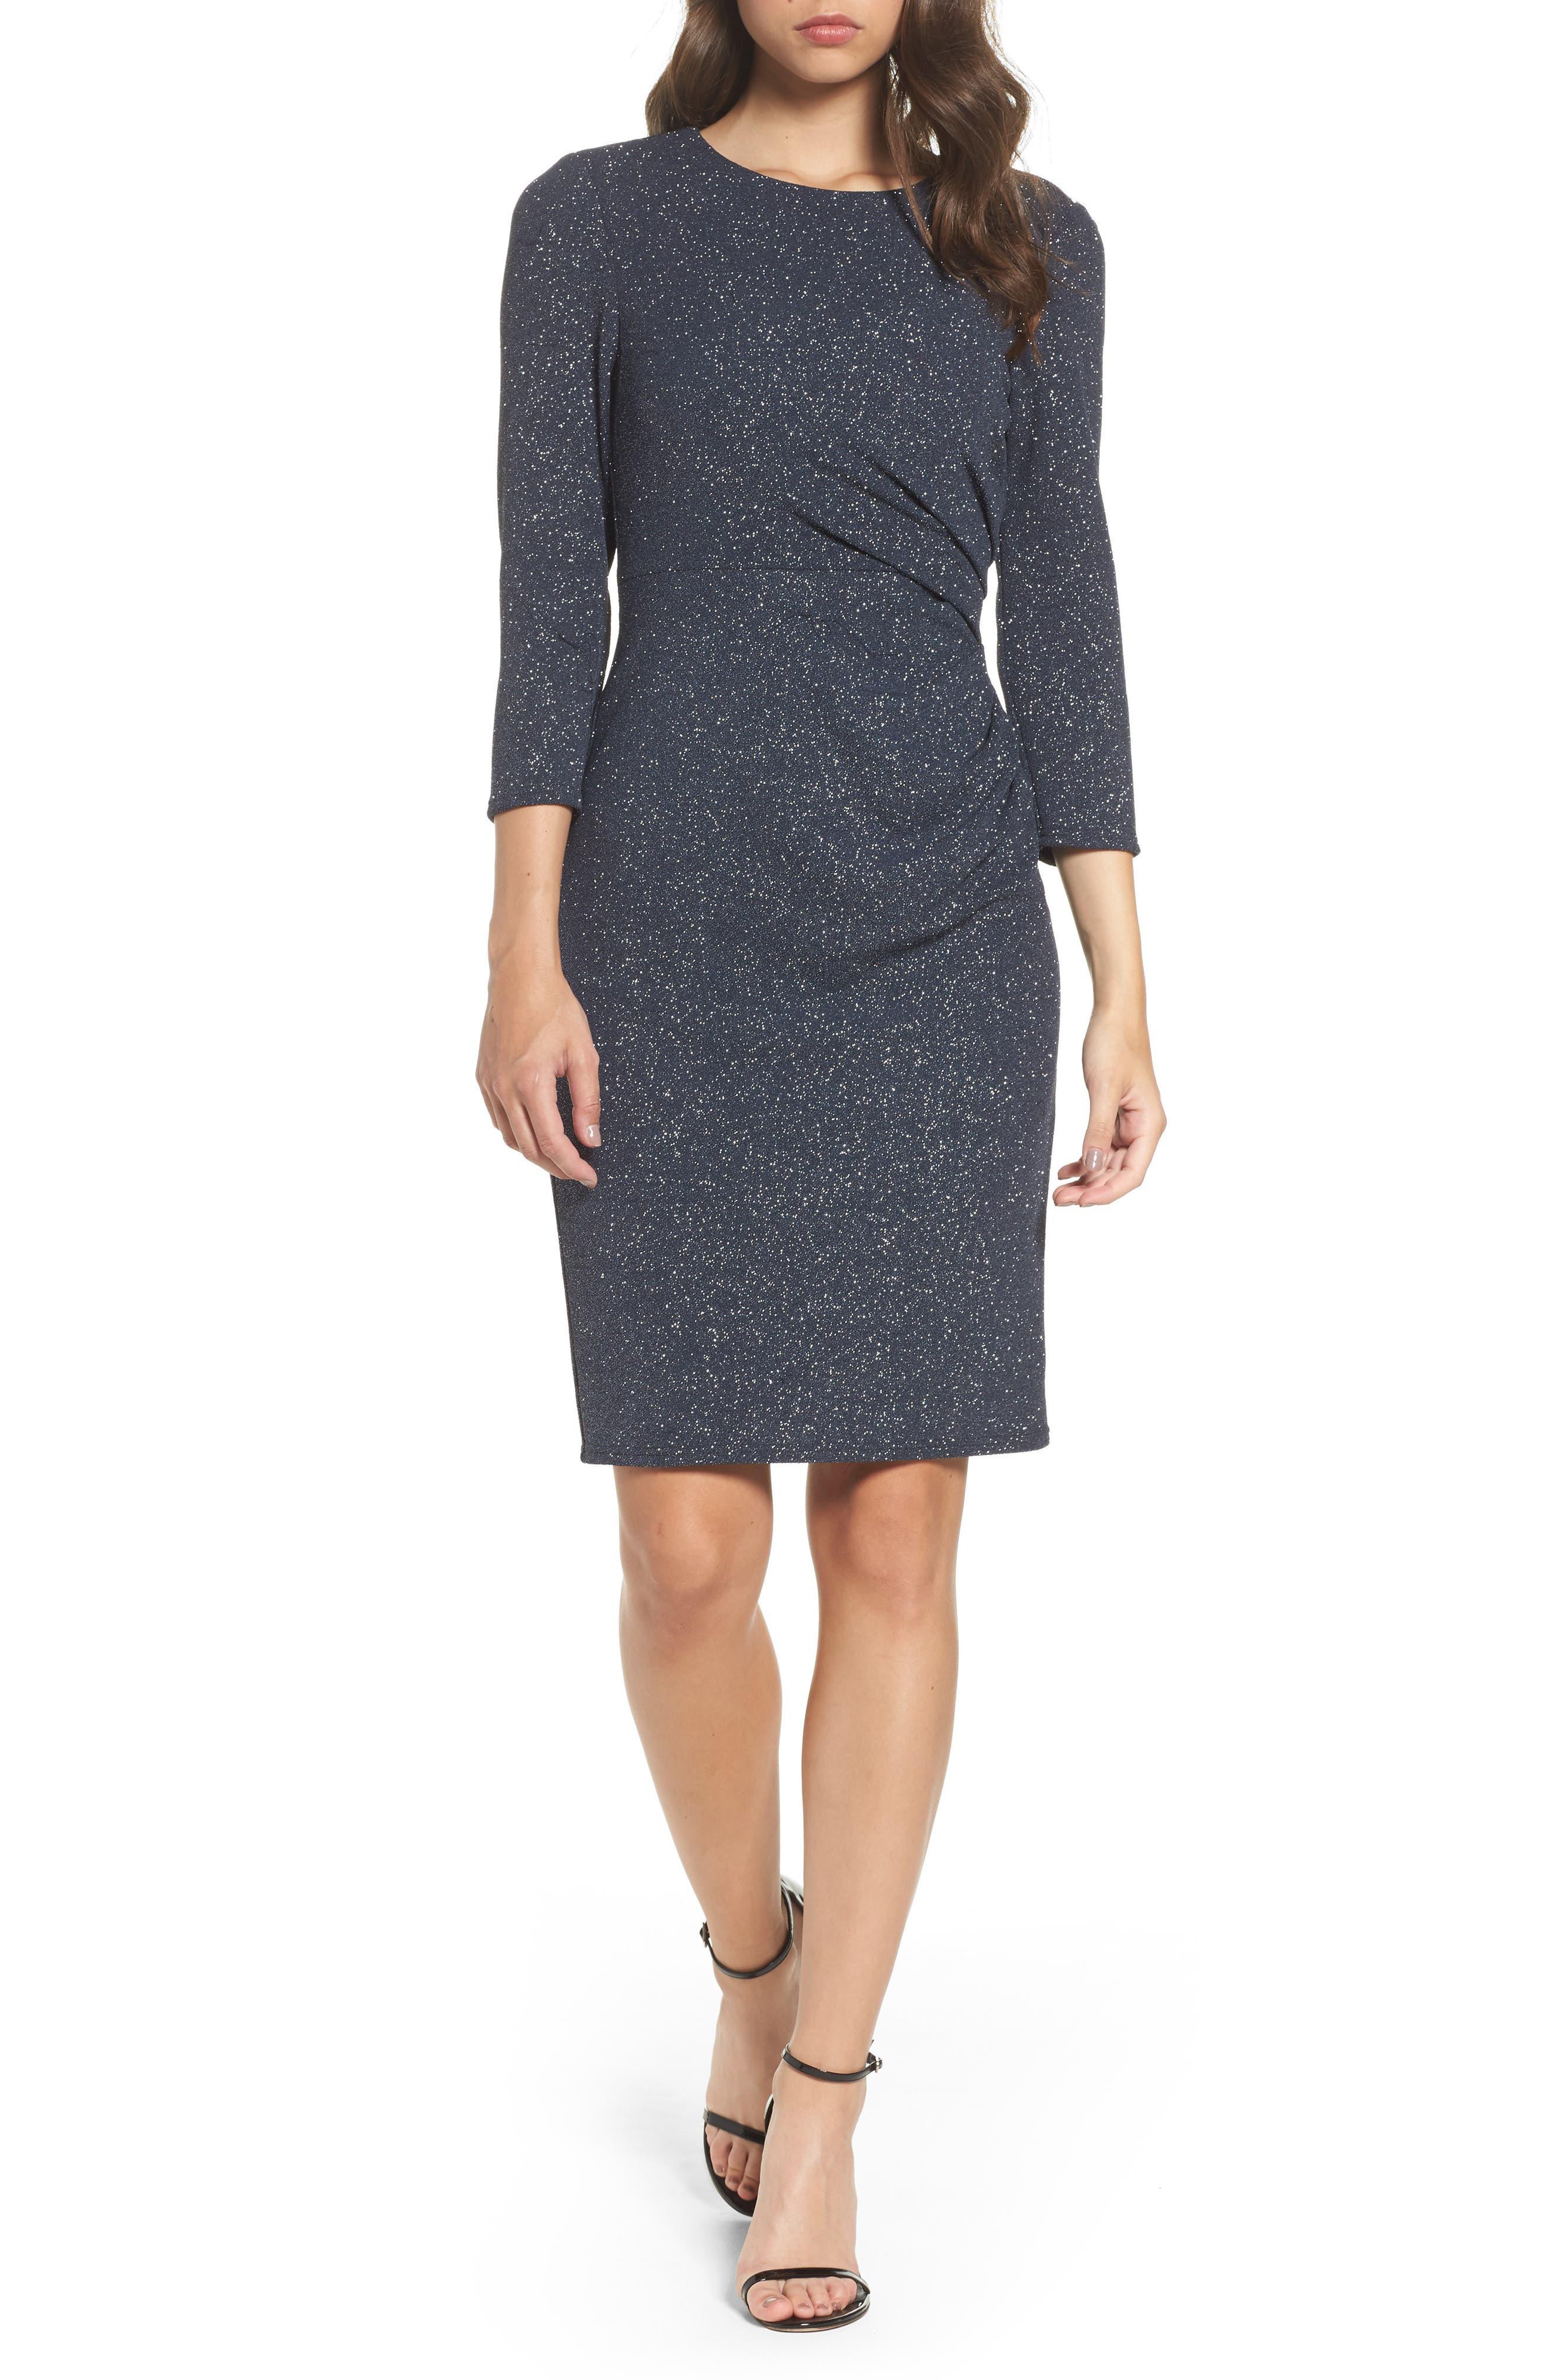 Alternate Image 1 Selected - Eliza J Gathered Sheath Dress